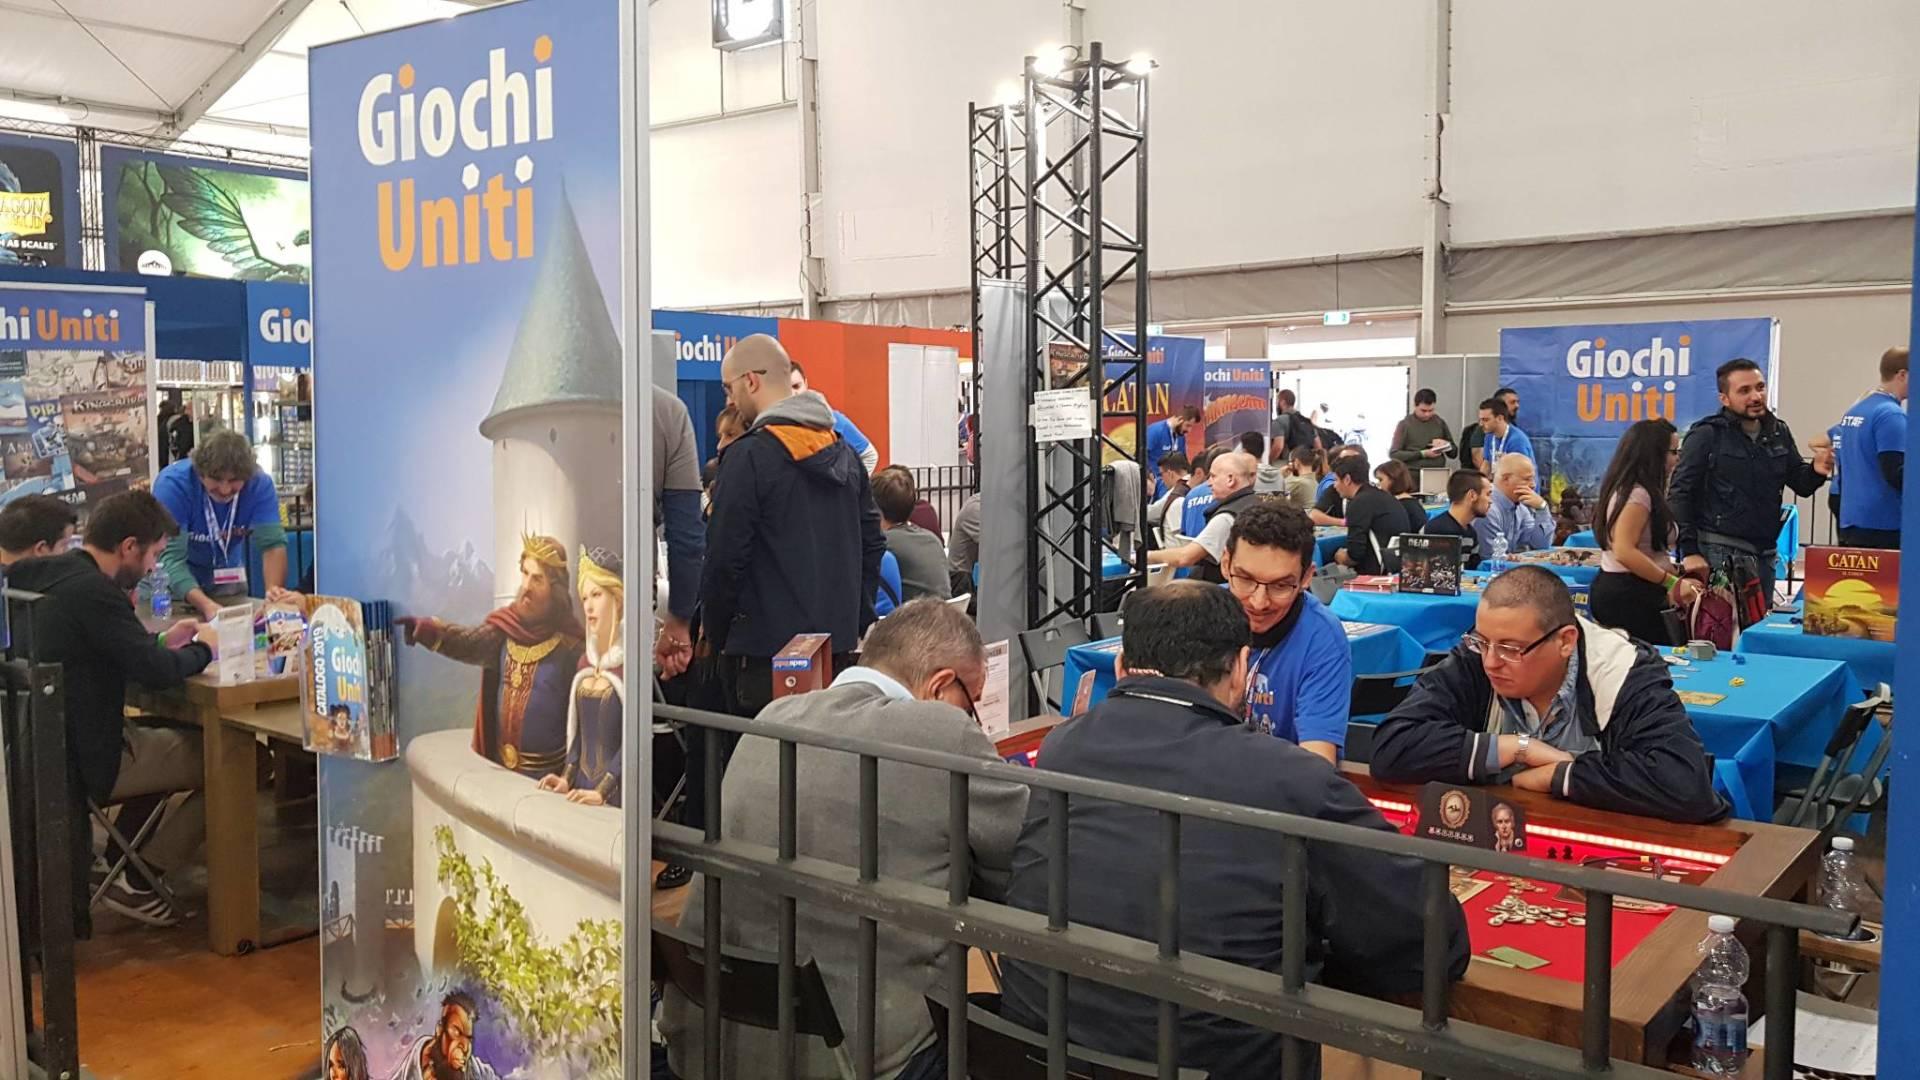 Giochi di ruolo Lucca 2019